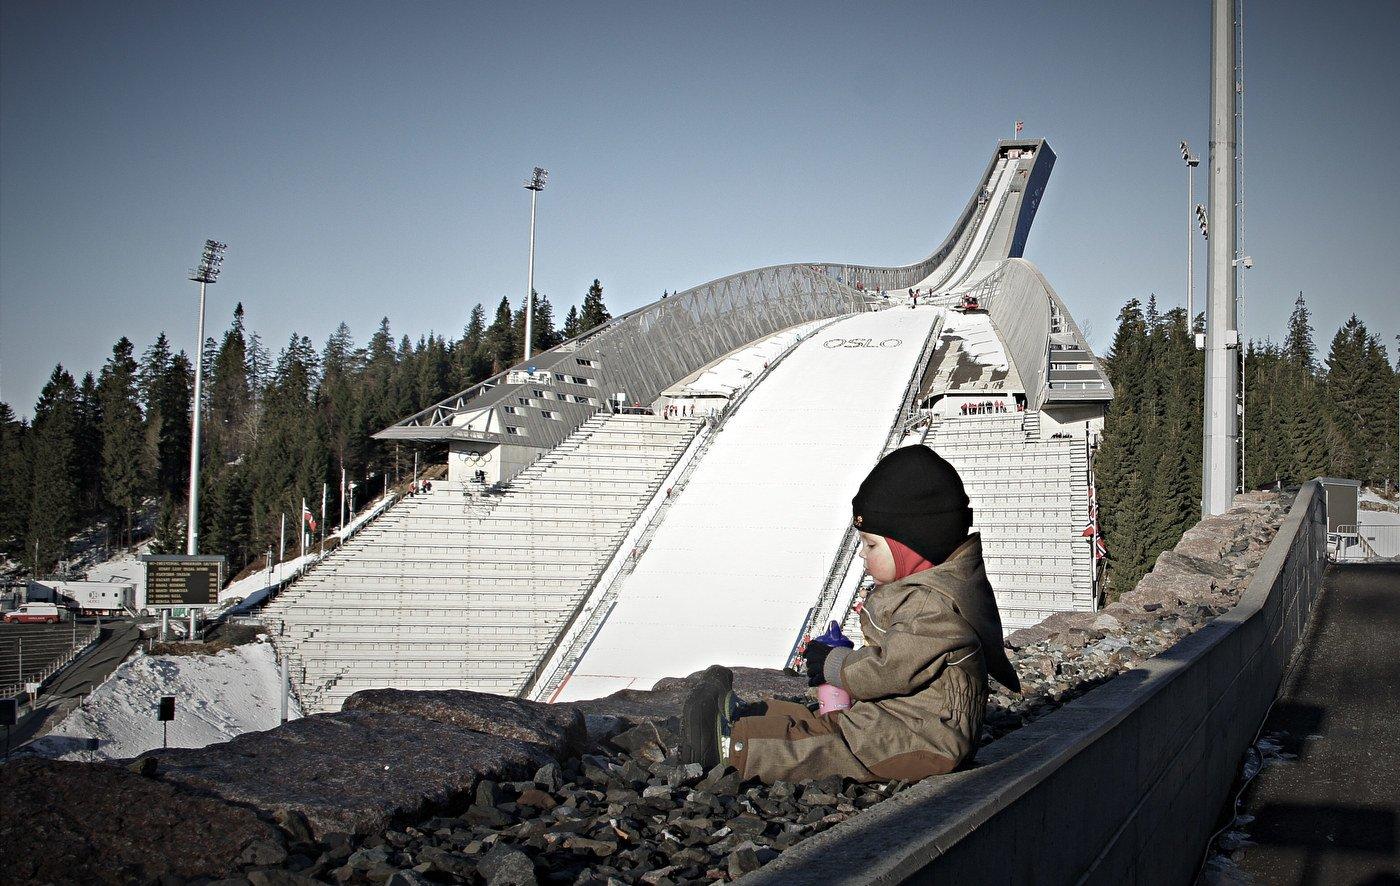 Am Holmenkollen in Oslo © actuallylove